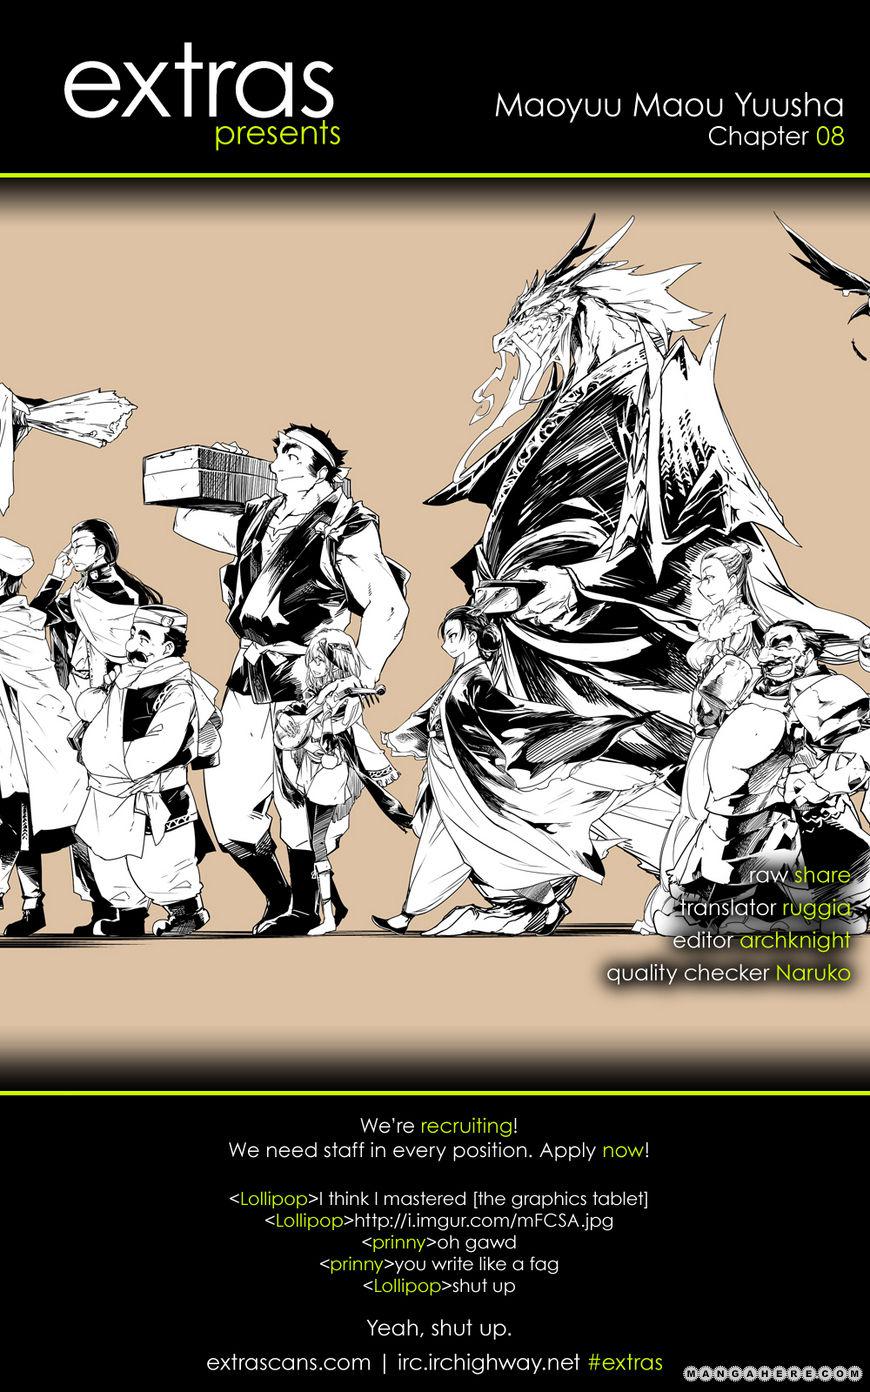 Maoyuu Maou Yuusha - Kono Watashi no Mono Tonare, Yuusha yo Kotowaru! 8 Page 1